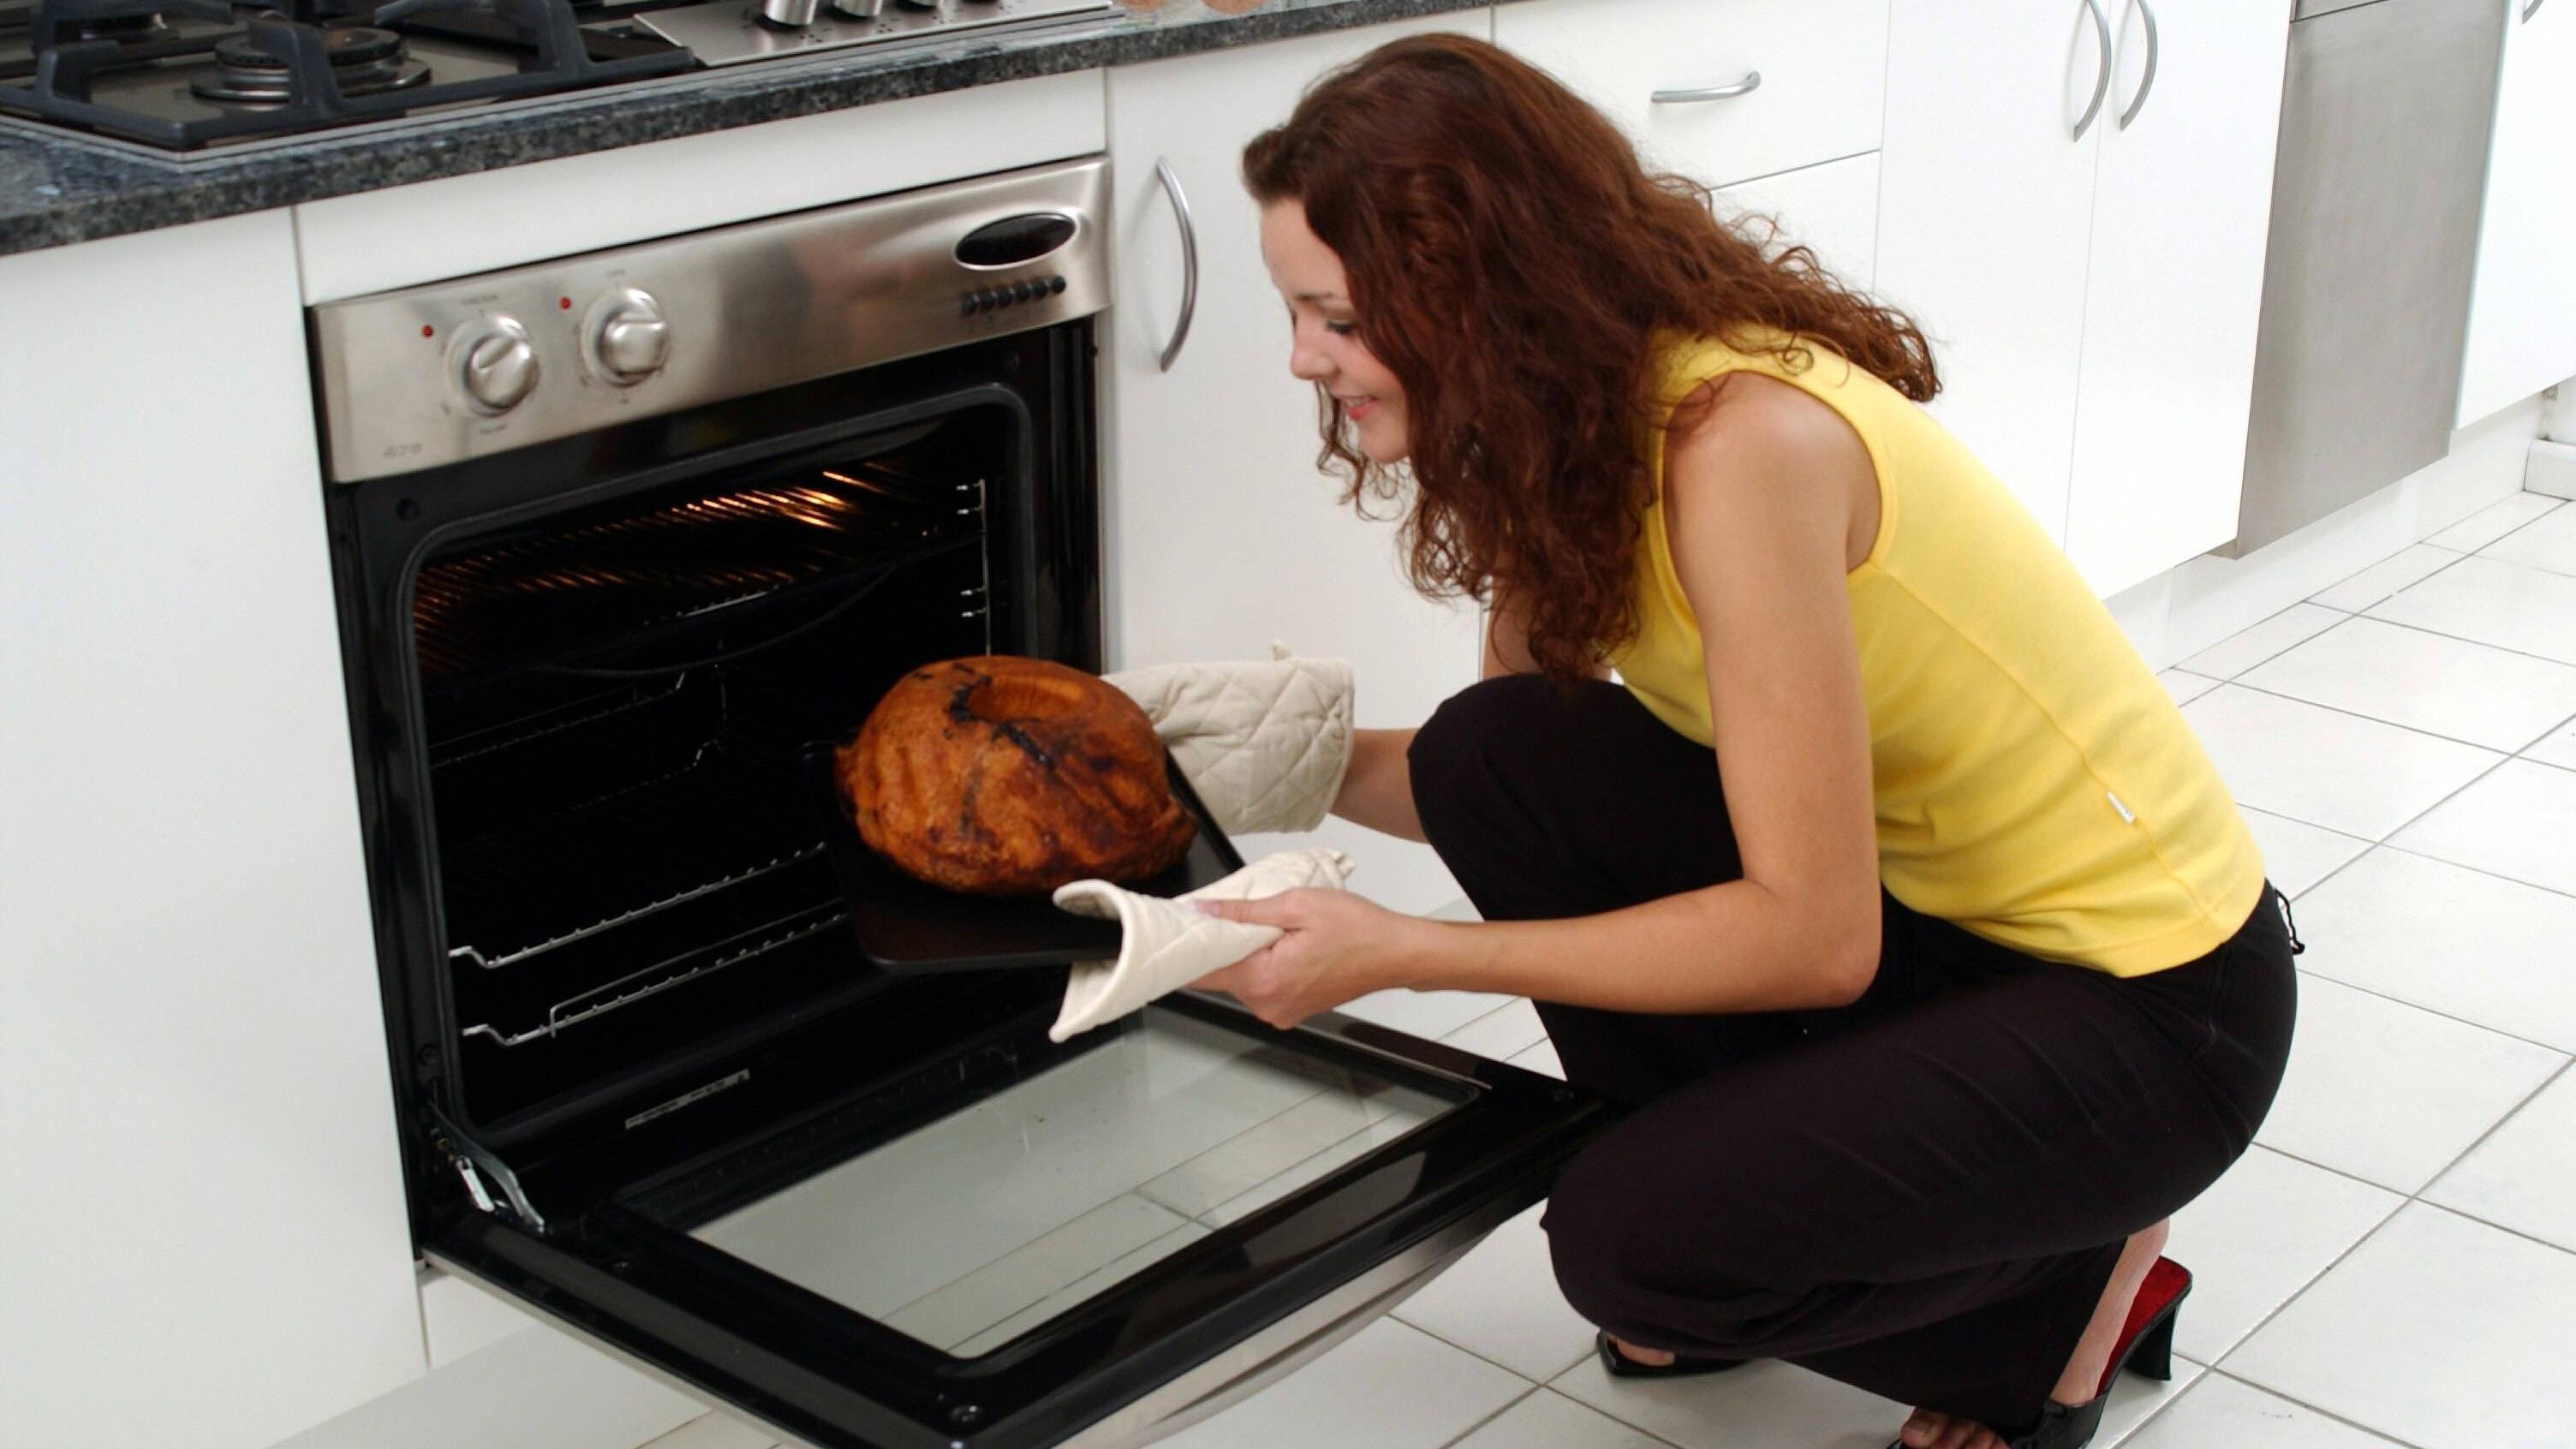 Wenn es um das Auftauen von Kuchen geht, nutzen Sie einfach die Wärme des Backofens.